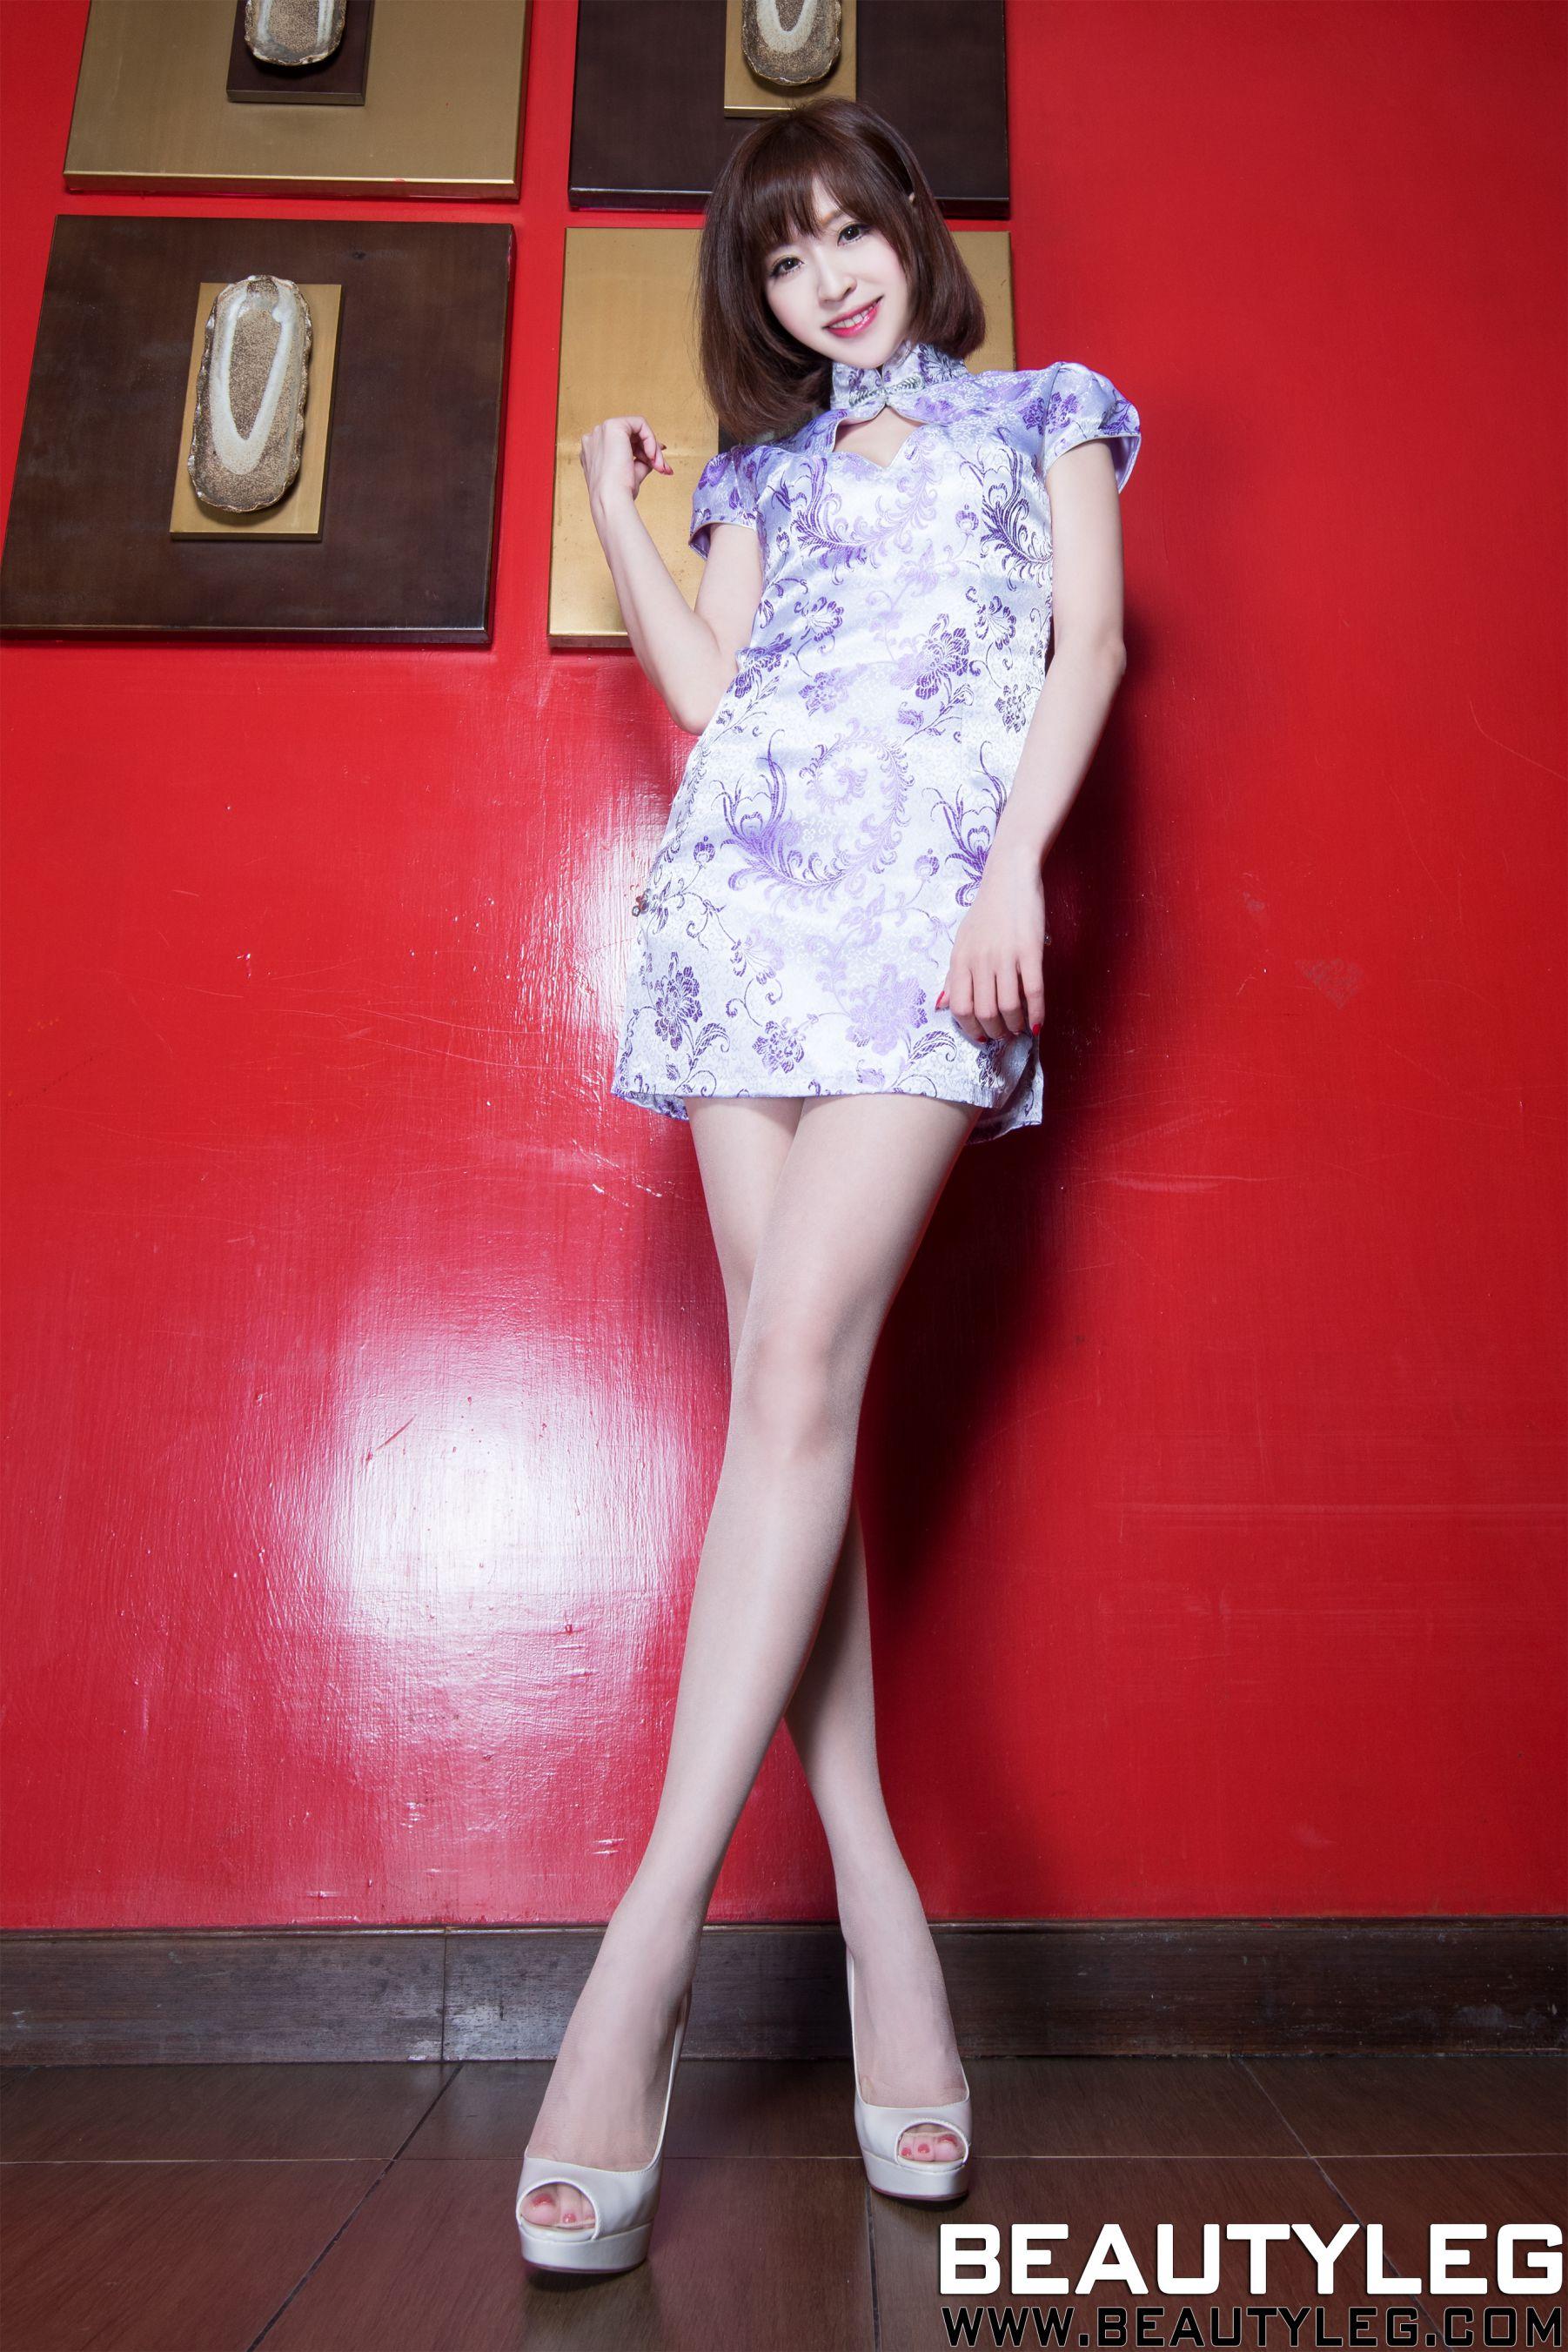 VOL.1086 [Beautyleg]短发旗袍高跟美腿:倪千凌(腿模Lucy,陈佳筠)高品质写真套图(44P)